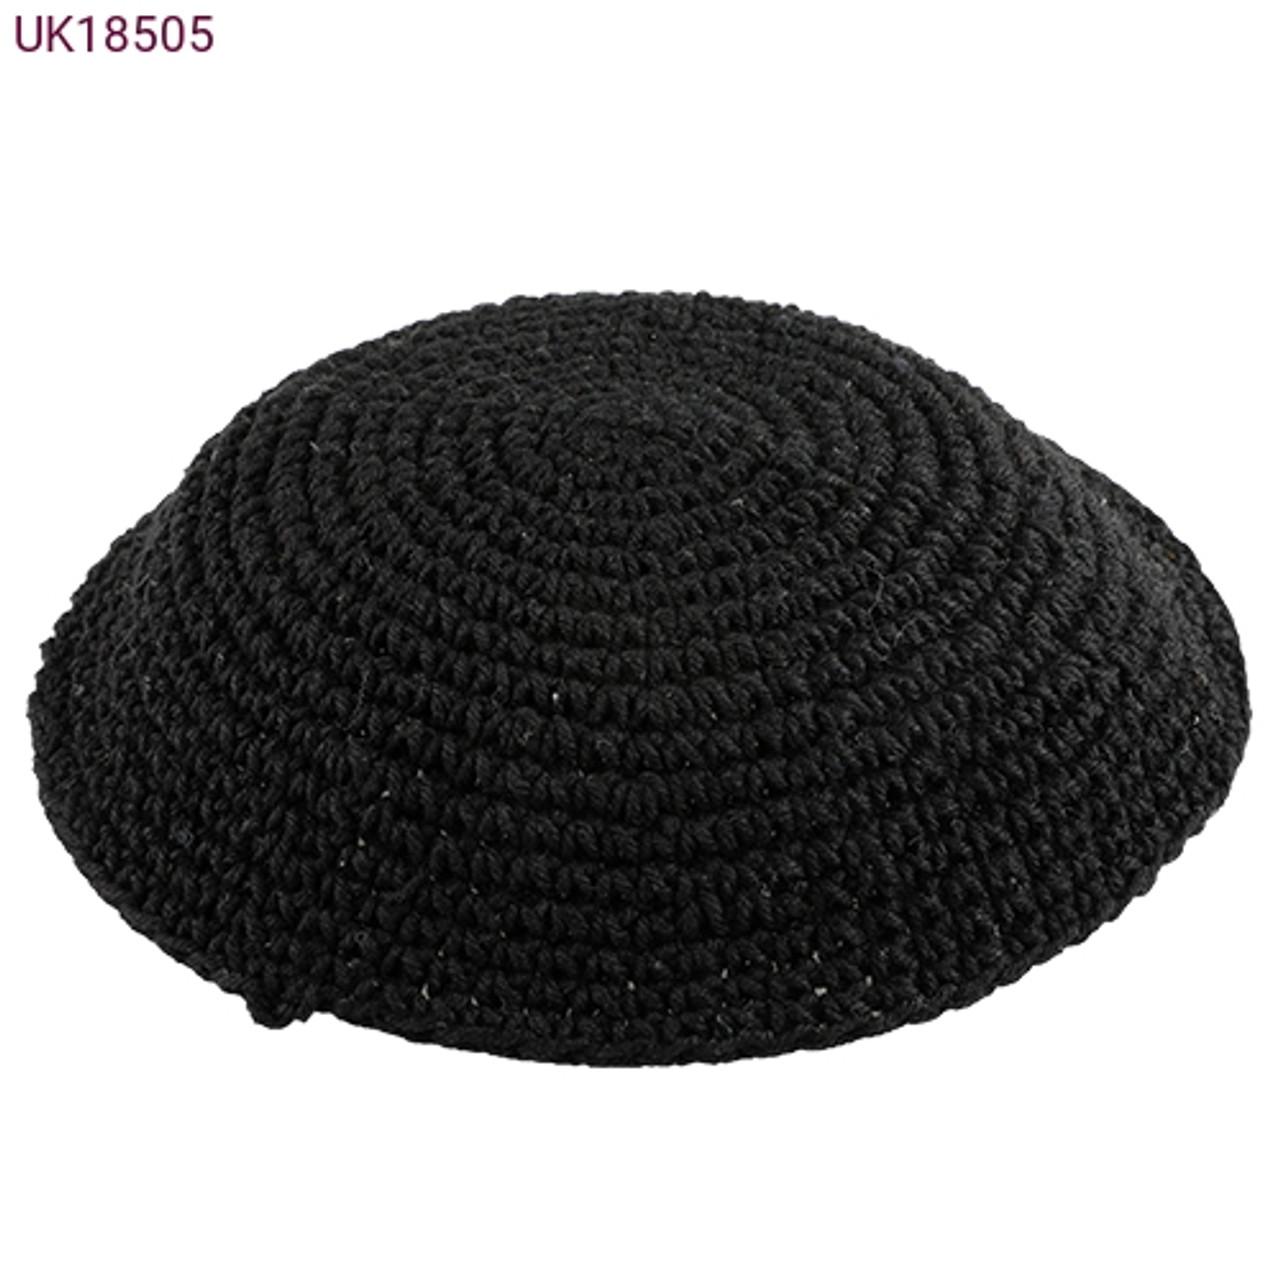 Large Black Knitted Kippah